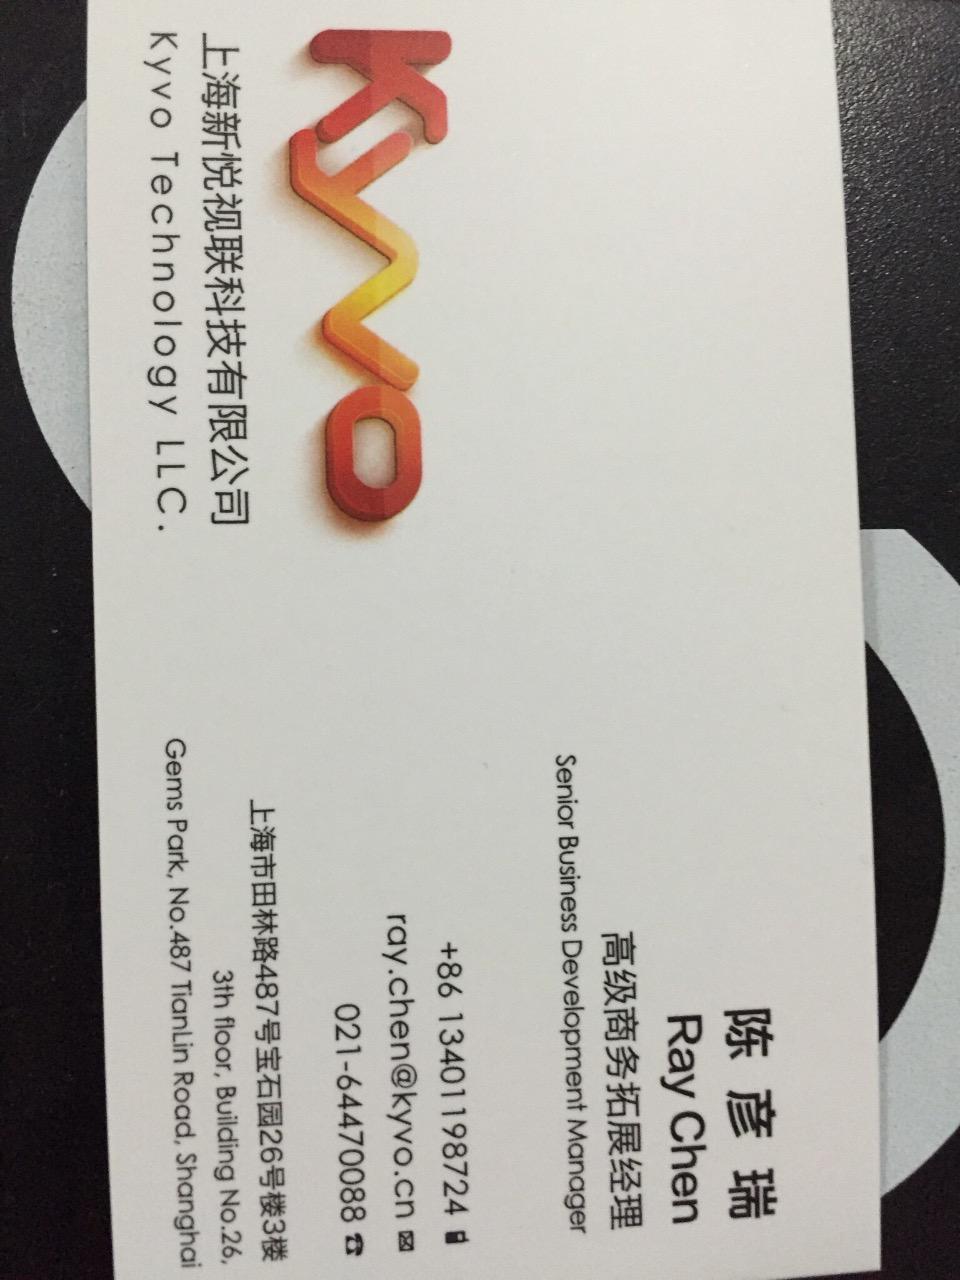 上海新悦视联科技有限公司